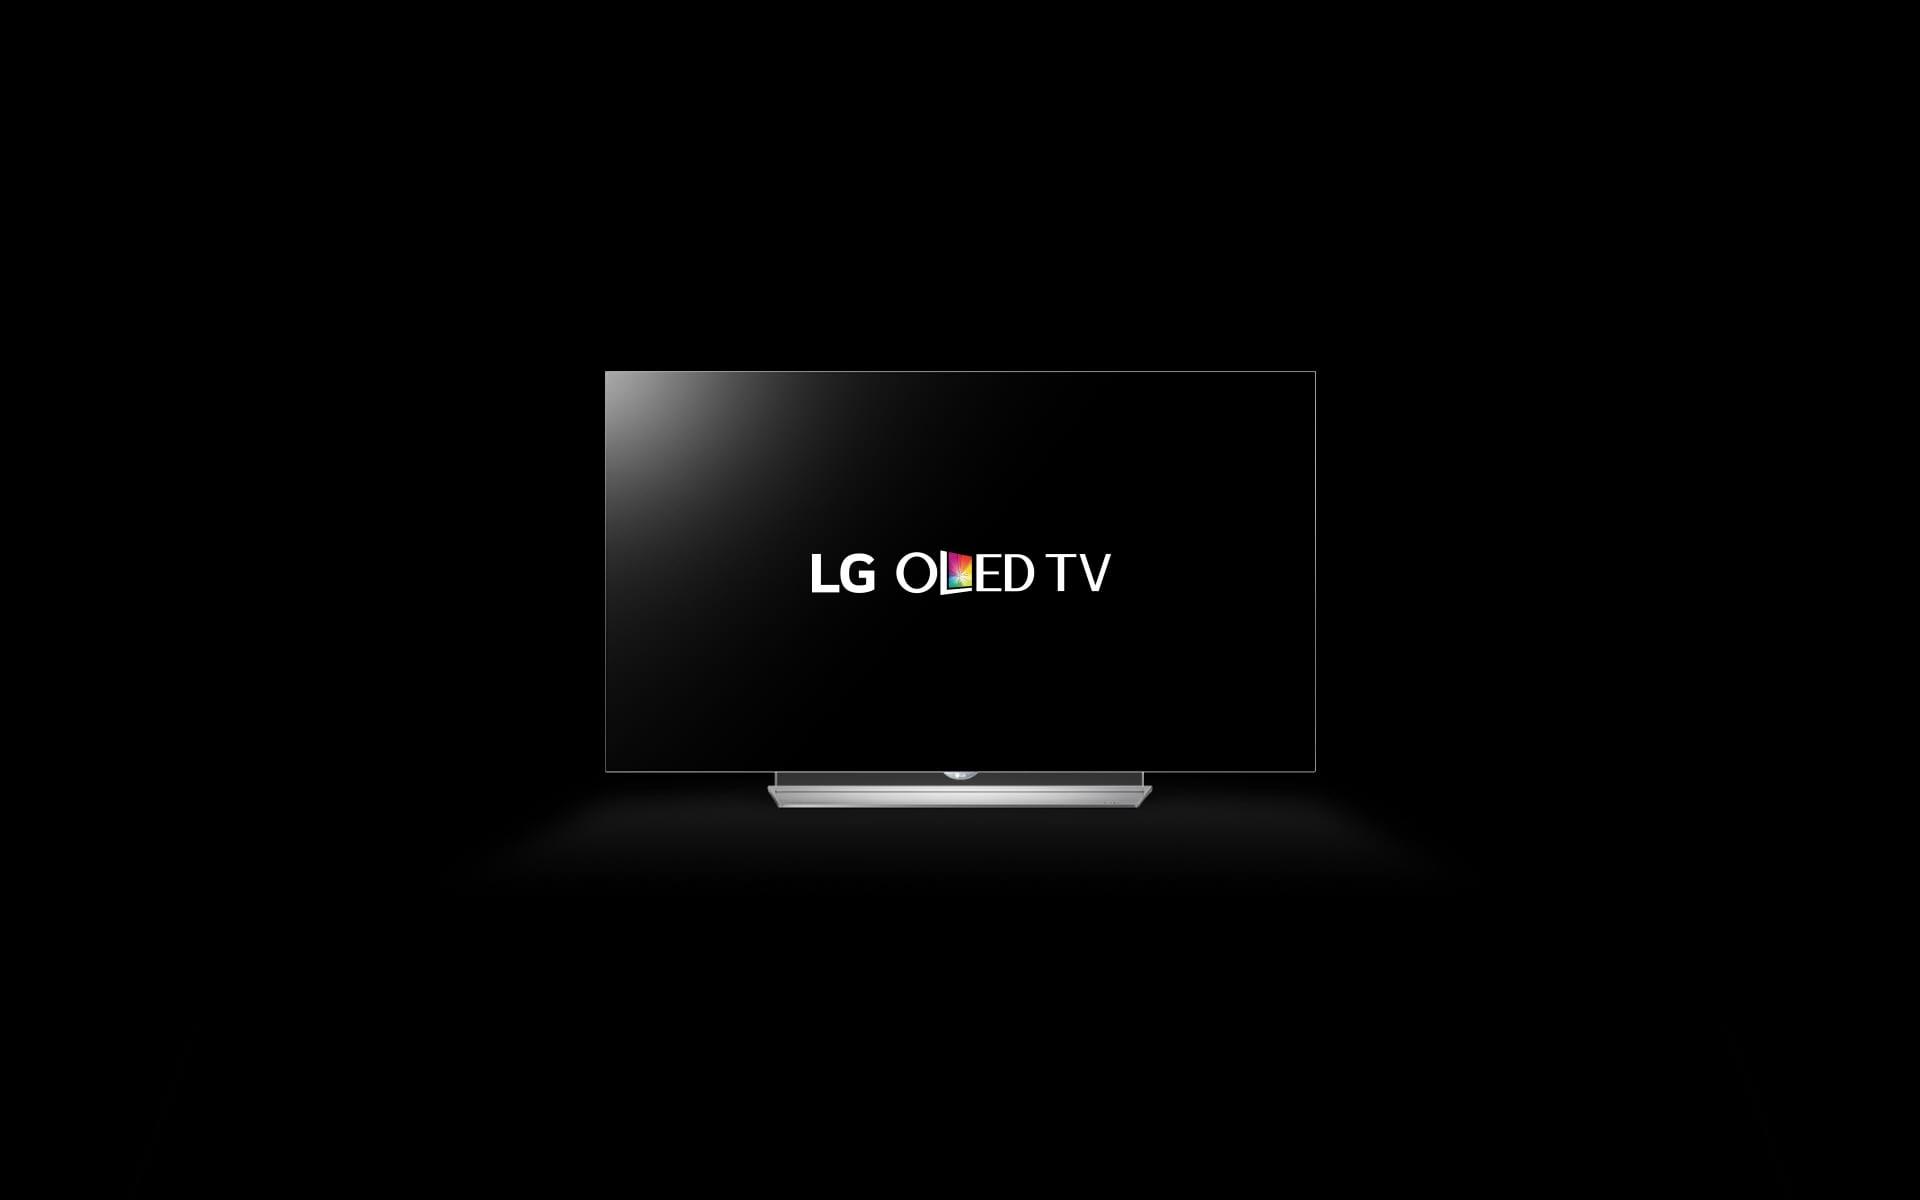 LG_OLED_2015_14